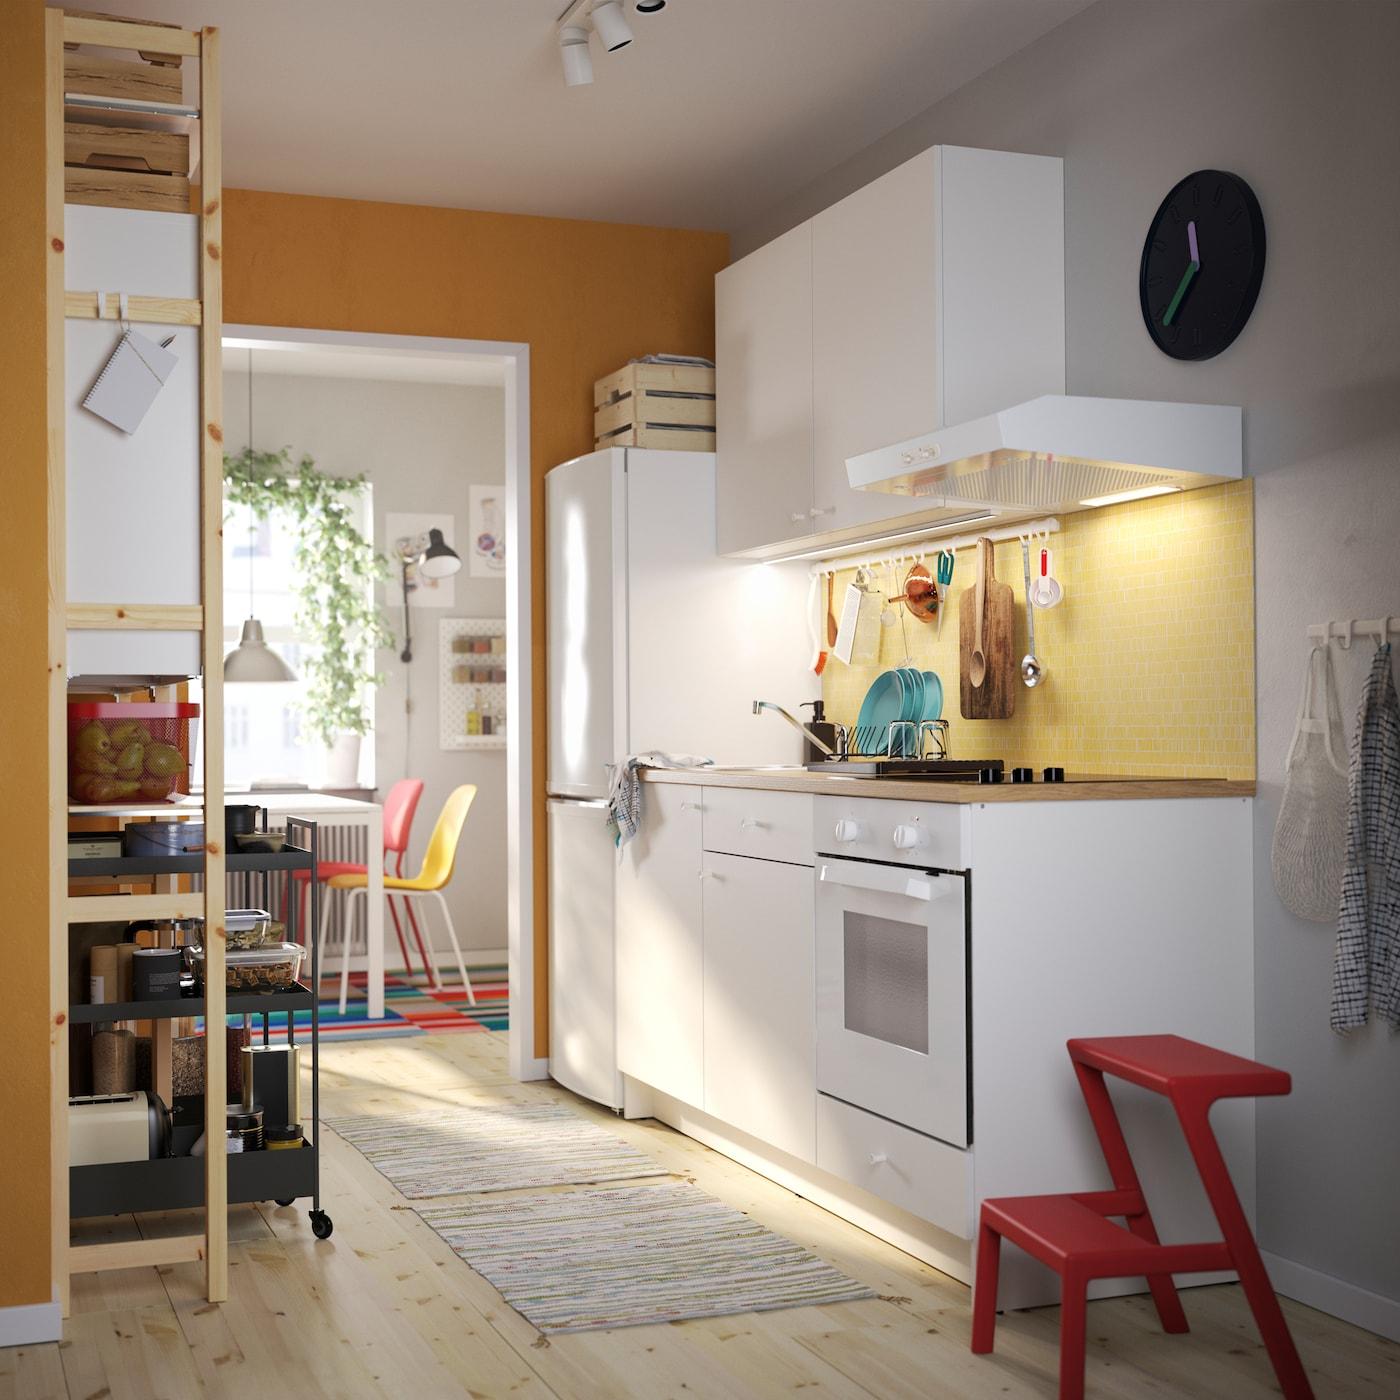 Eine stilvolle WG-Küche mit weißem Wandschrank, Dunstabzugshaube, Keramikkochfeld, Backofen, Hängeleuchte und Servierwagen.